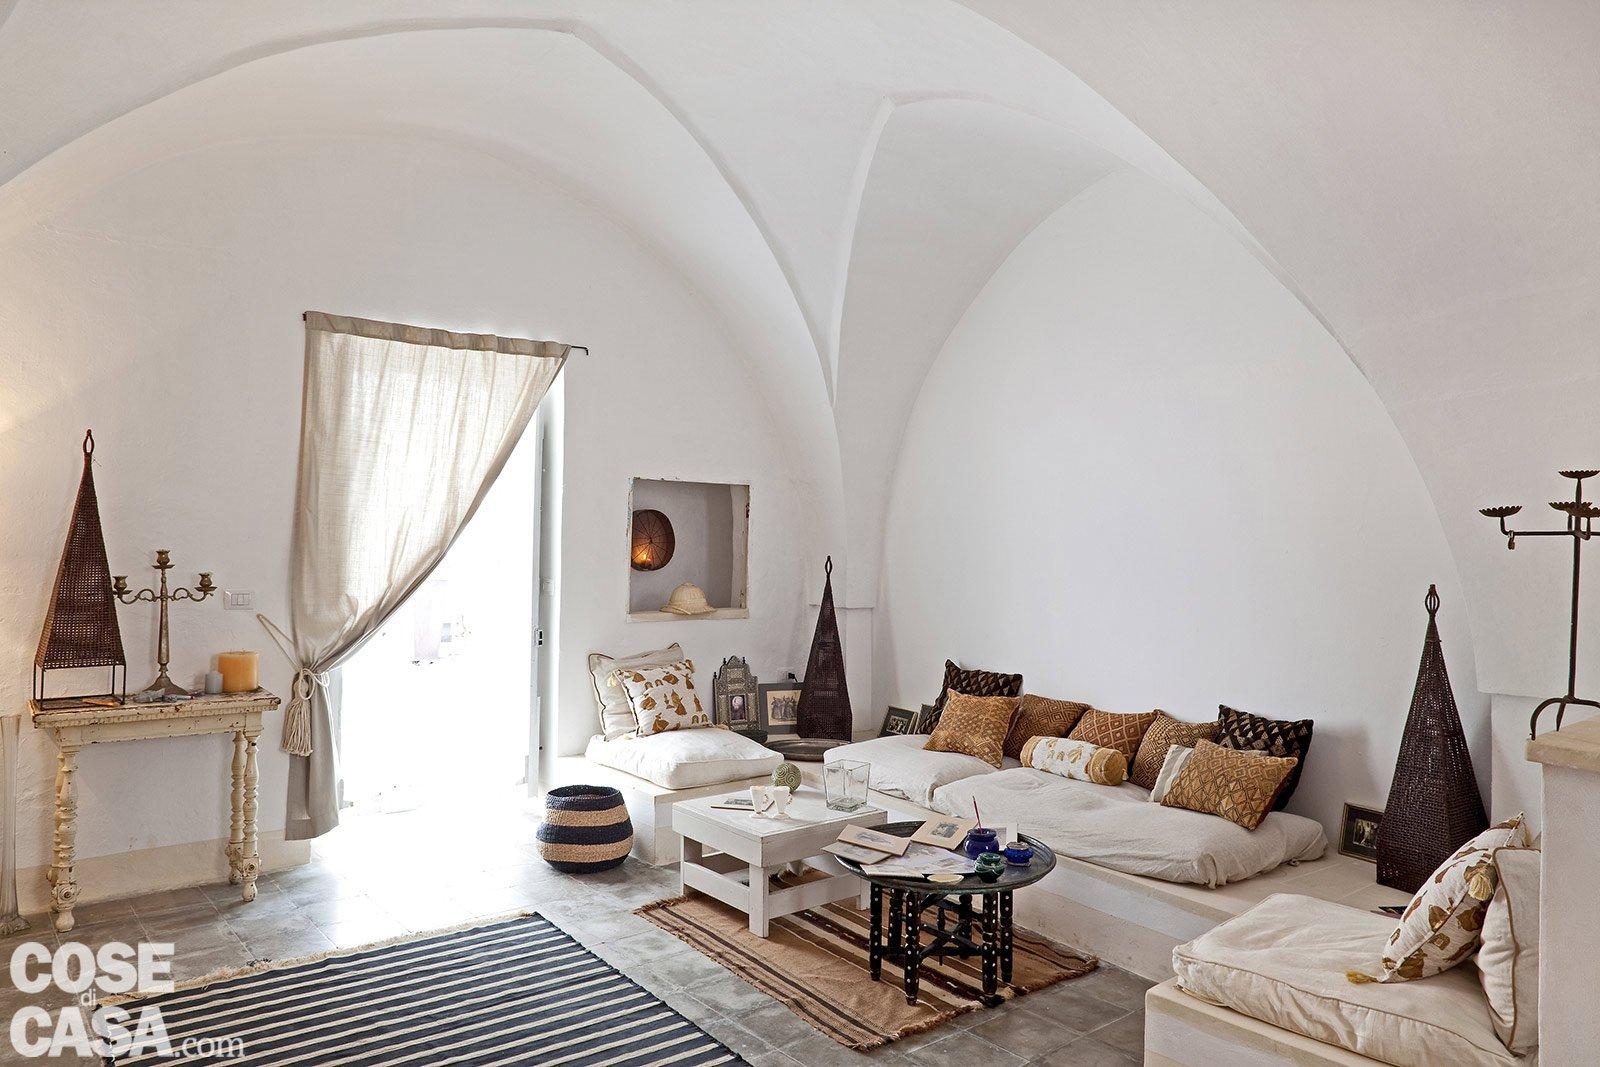 Una casa in pietra in stile mediterraneo cose di casa for Arredamento mediterraneo